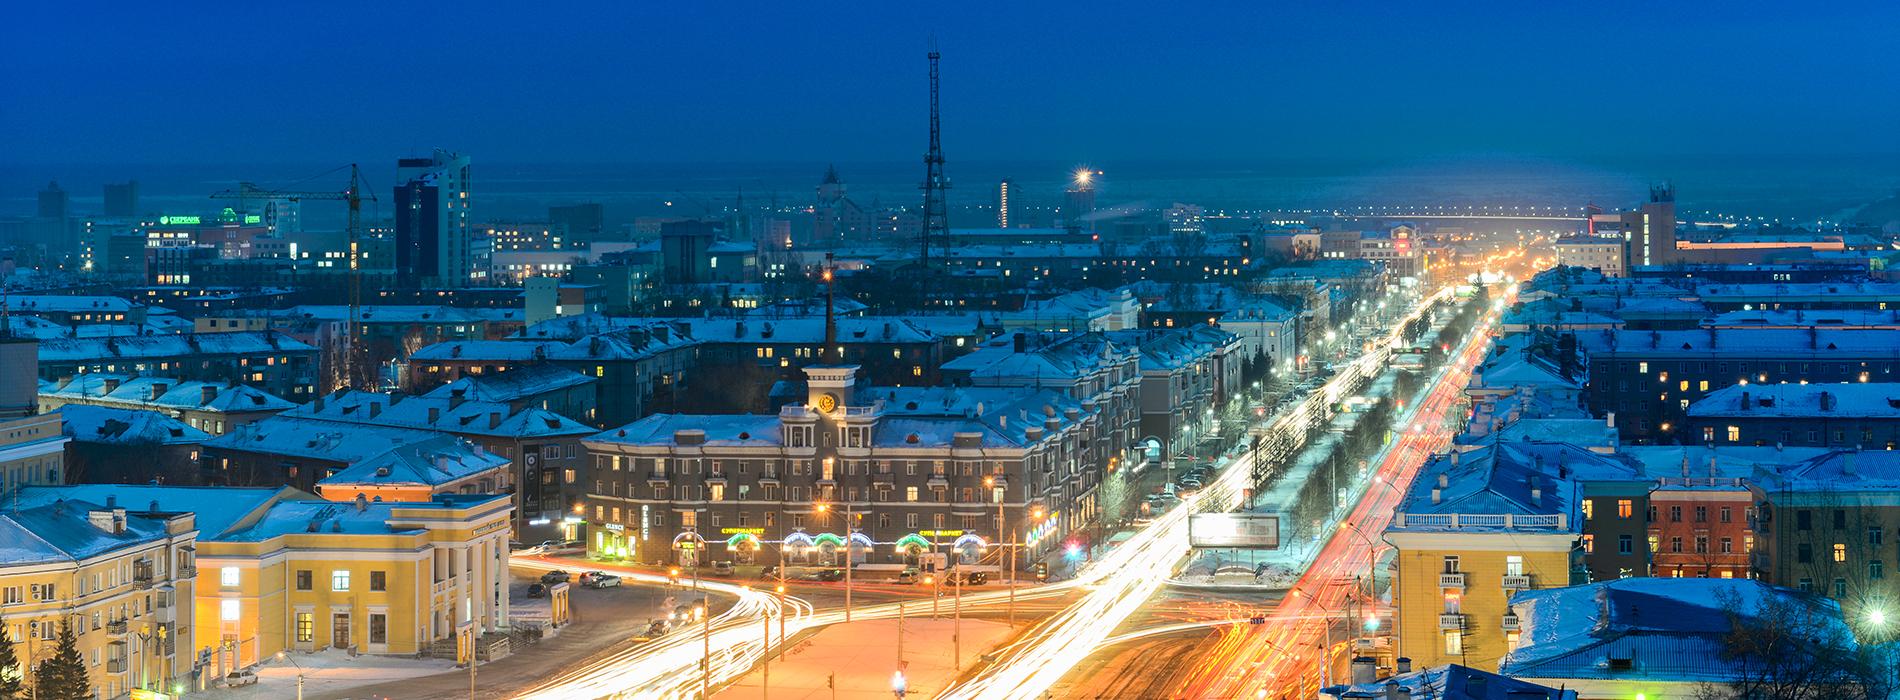 Авиабилеты Симферополь — Барнаул, купить билеты на самолет туда и обратно, цены и расписание рейсов